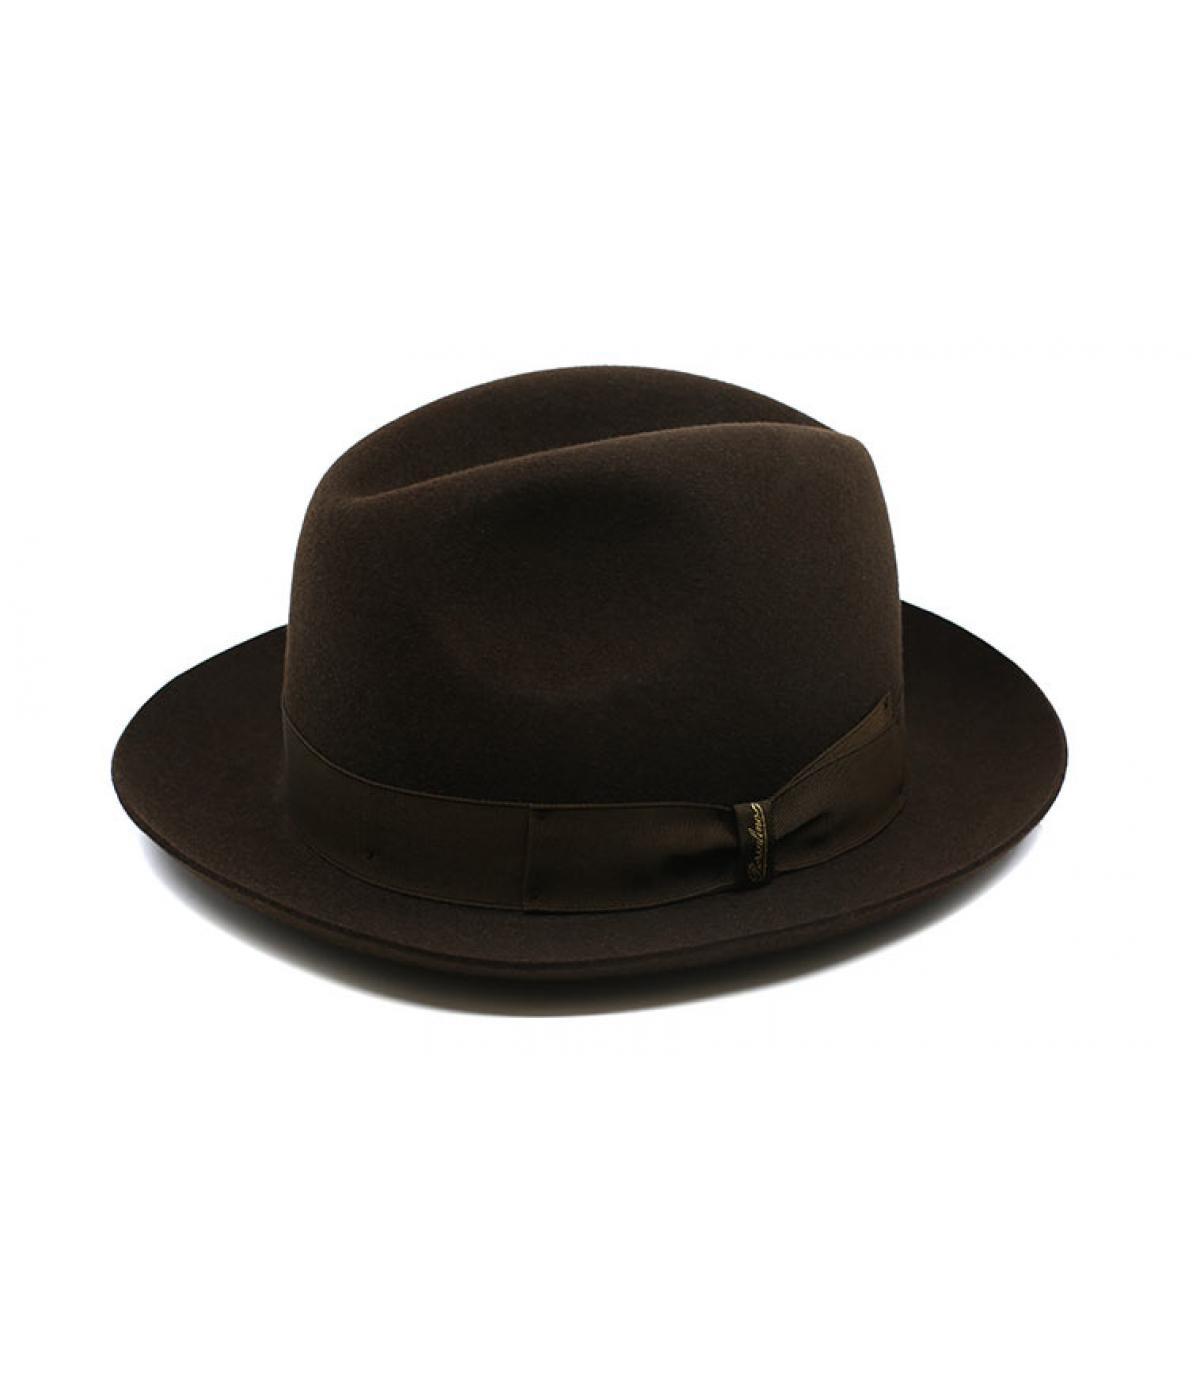 Detalles Marengo brown Fur Felt Hat imagen 4